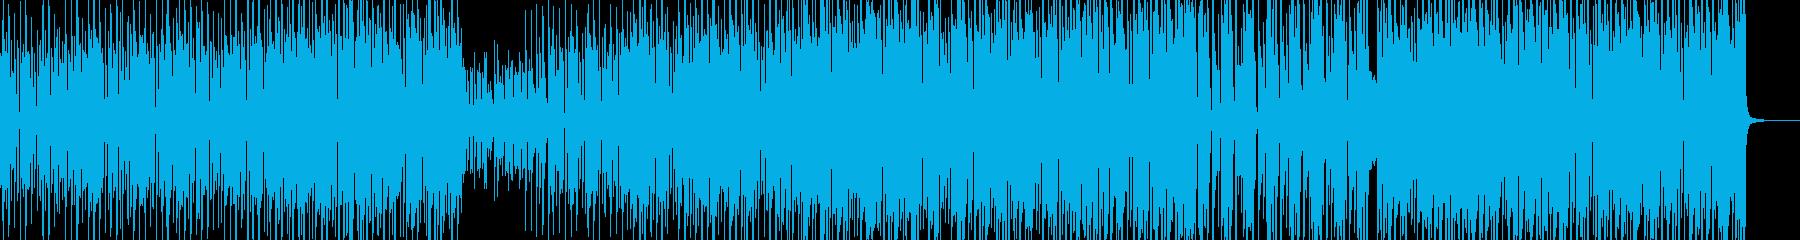 筋ᕦ(・ㅂ・)ᕤ肉・ガチムチテクノ B3の再生済みの波形